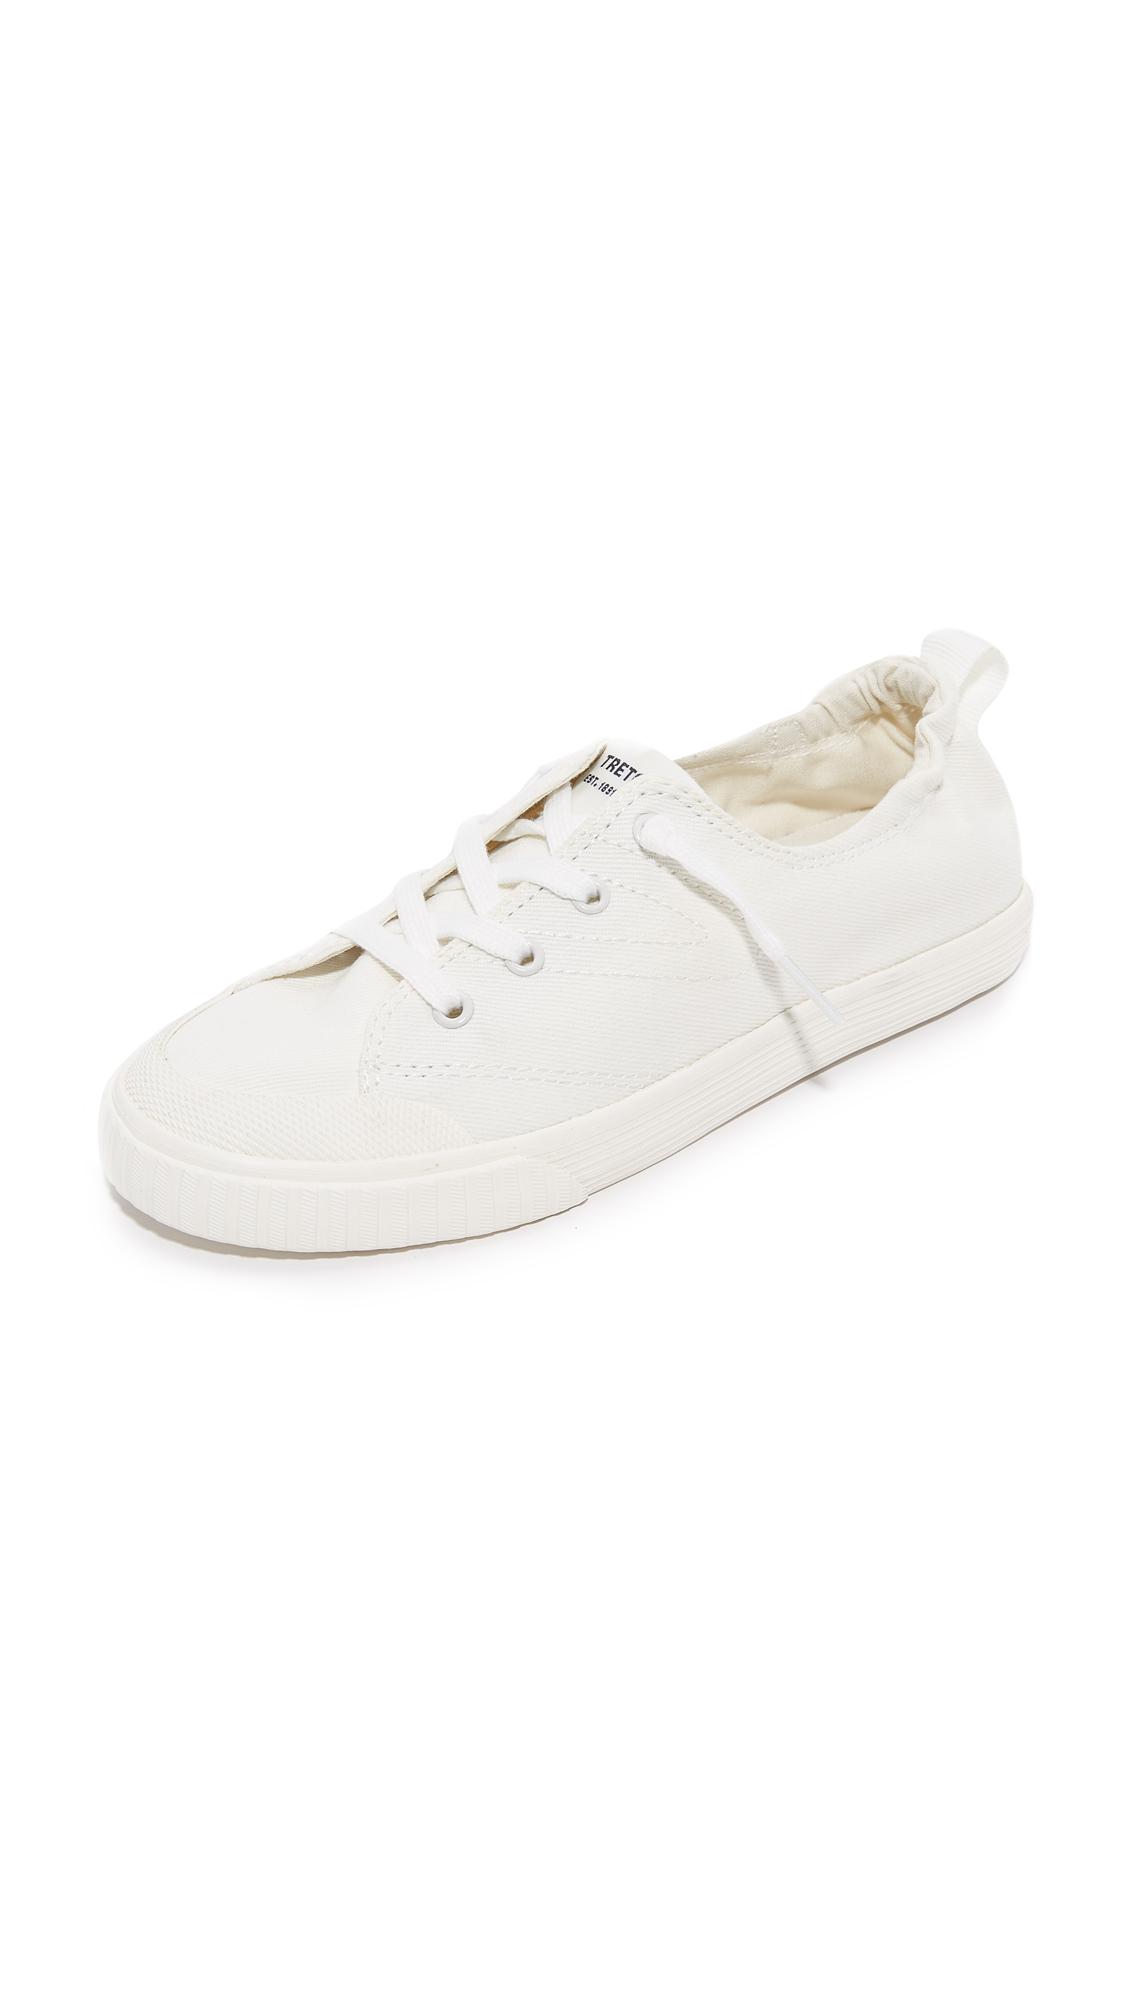 Tretorn Meg Denim Sneakers - Vintage White